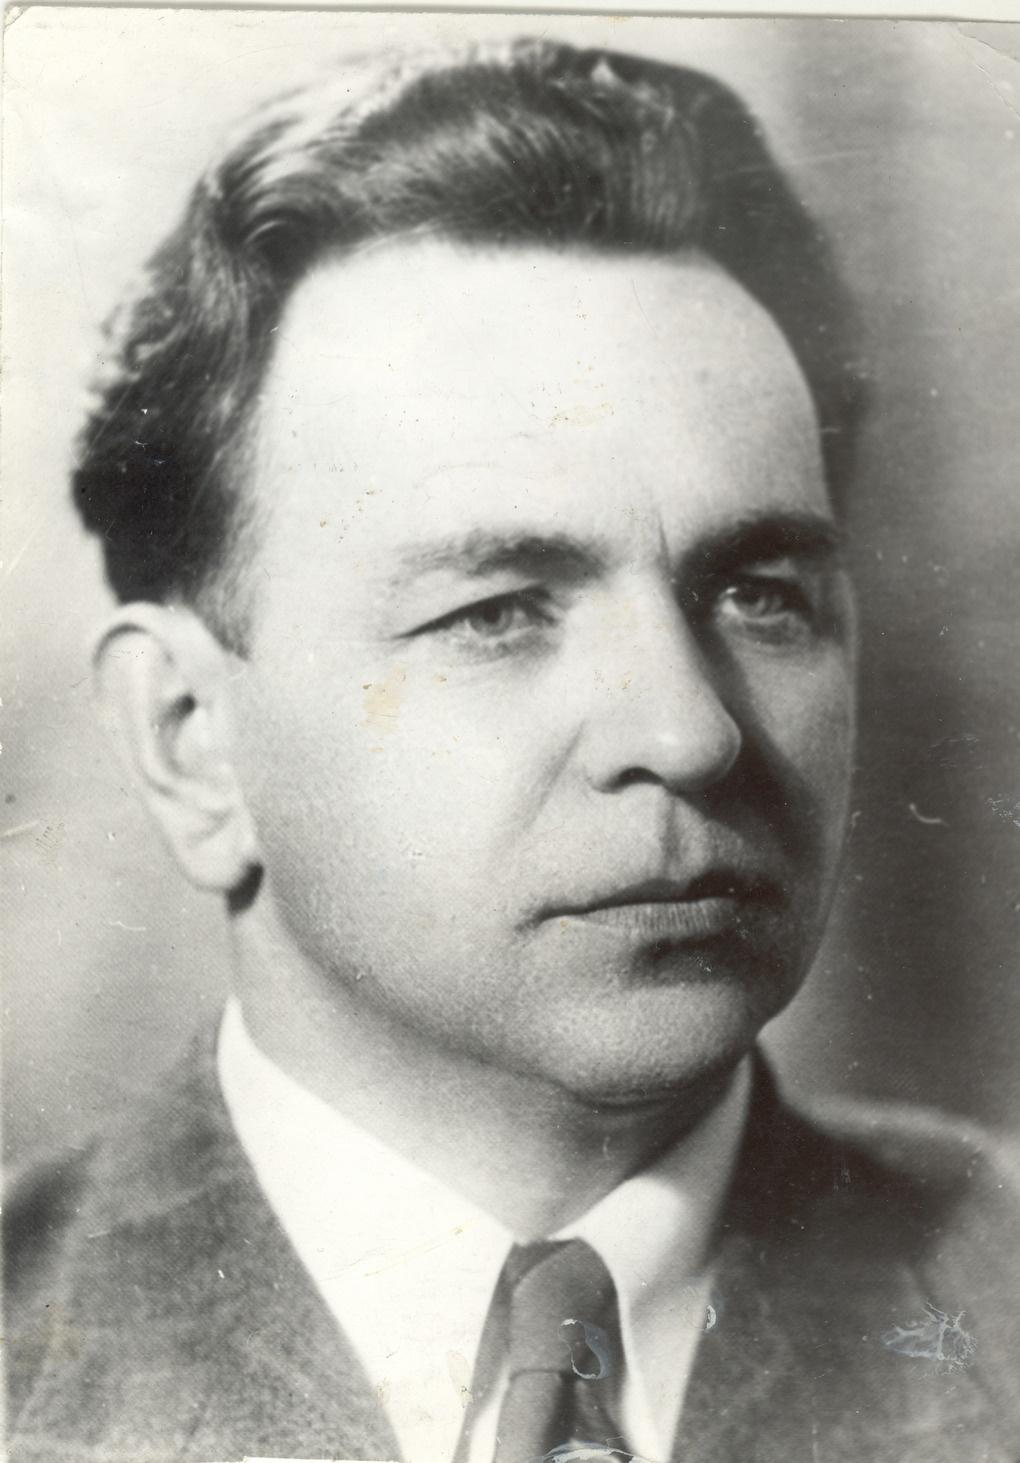 Советский разведчик Михаил Иванов.